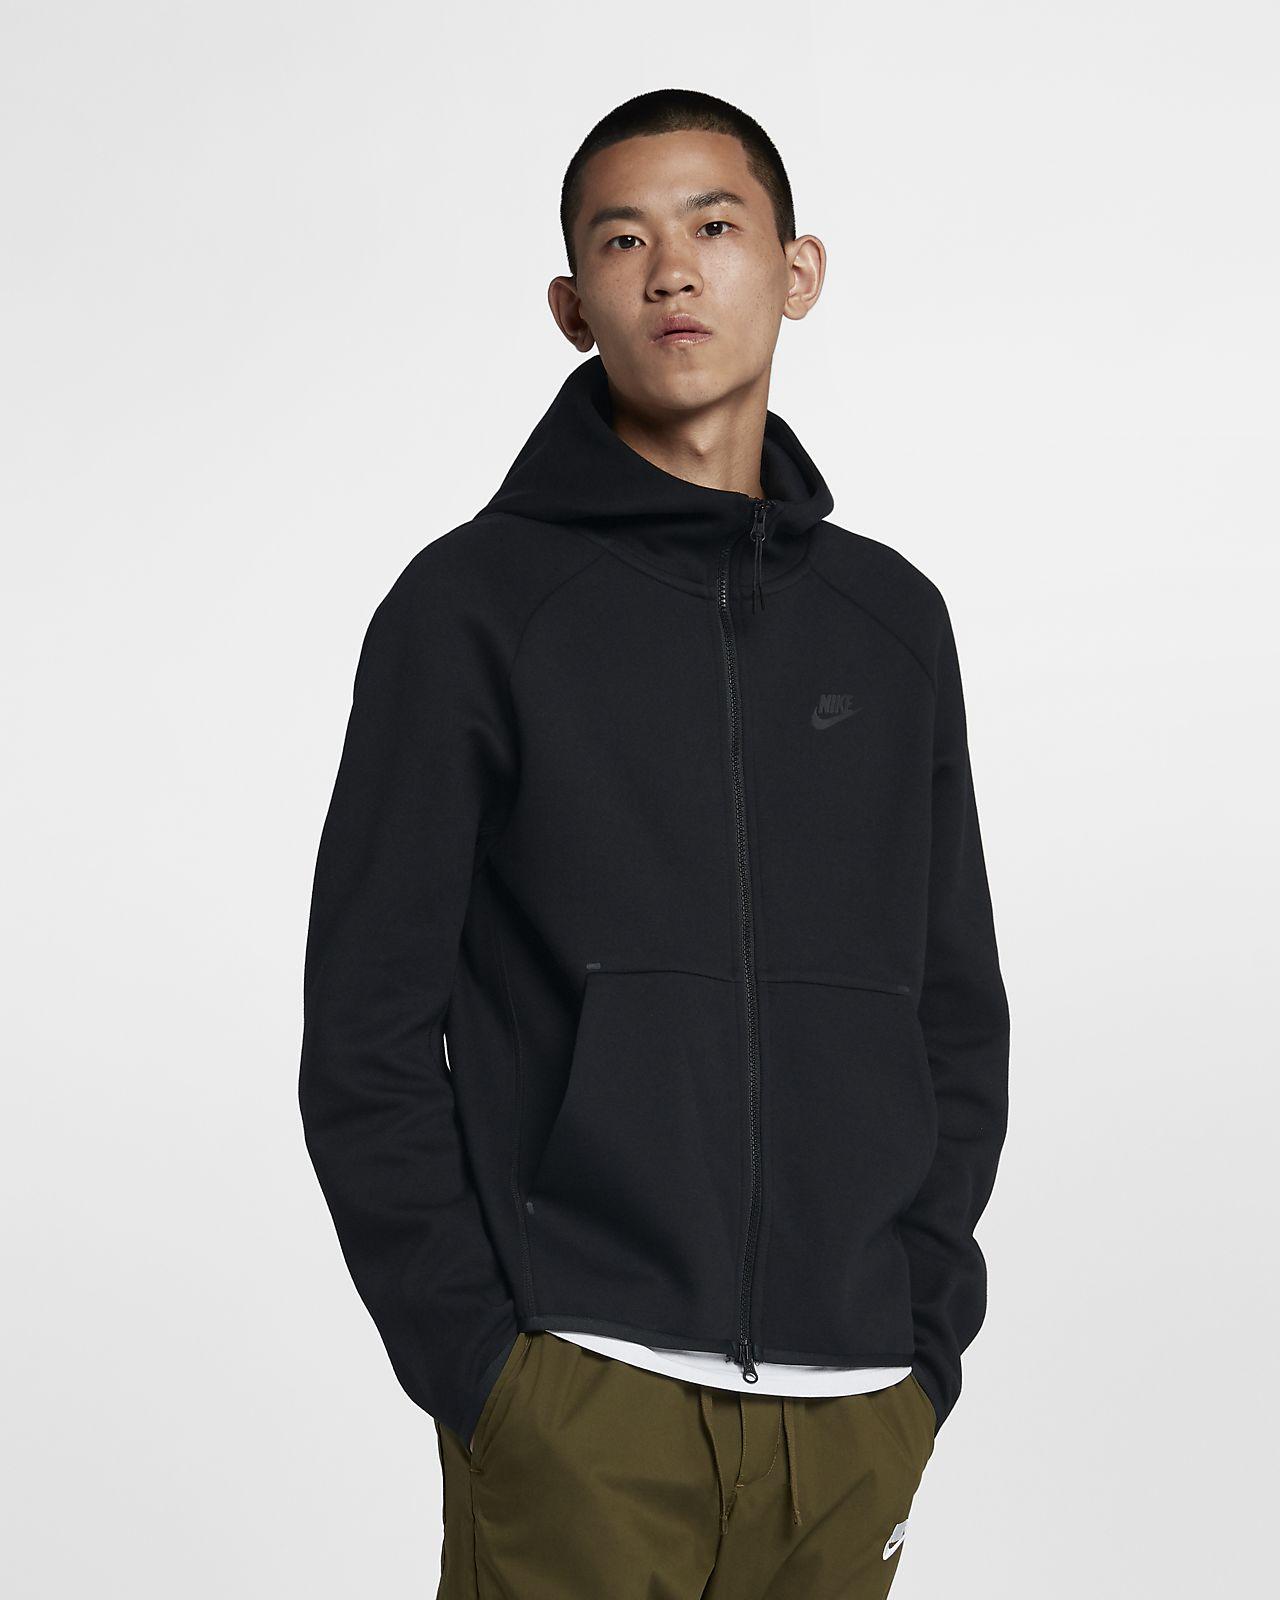 Nike Sportswear Tech Fleece 男款全長式拉鍊連帽上衣